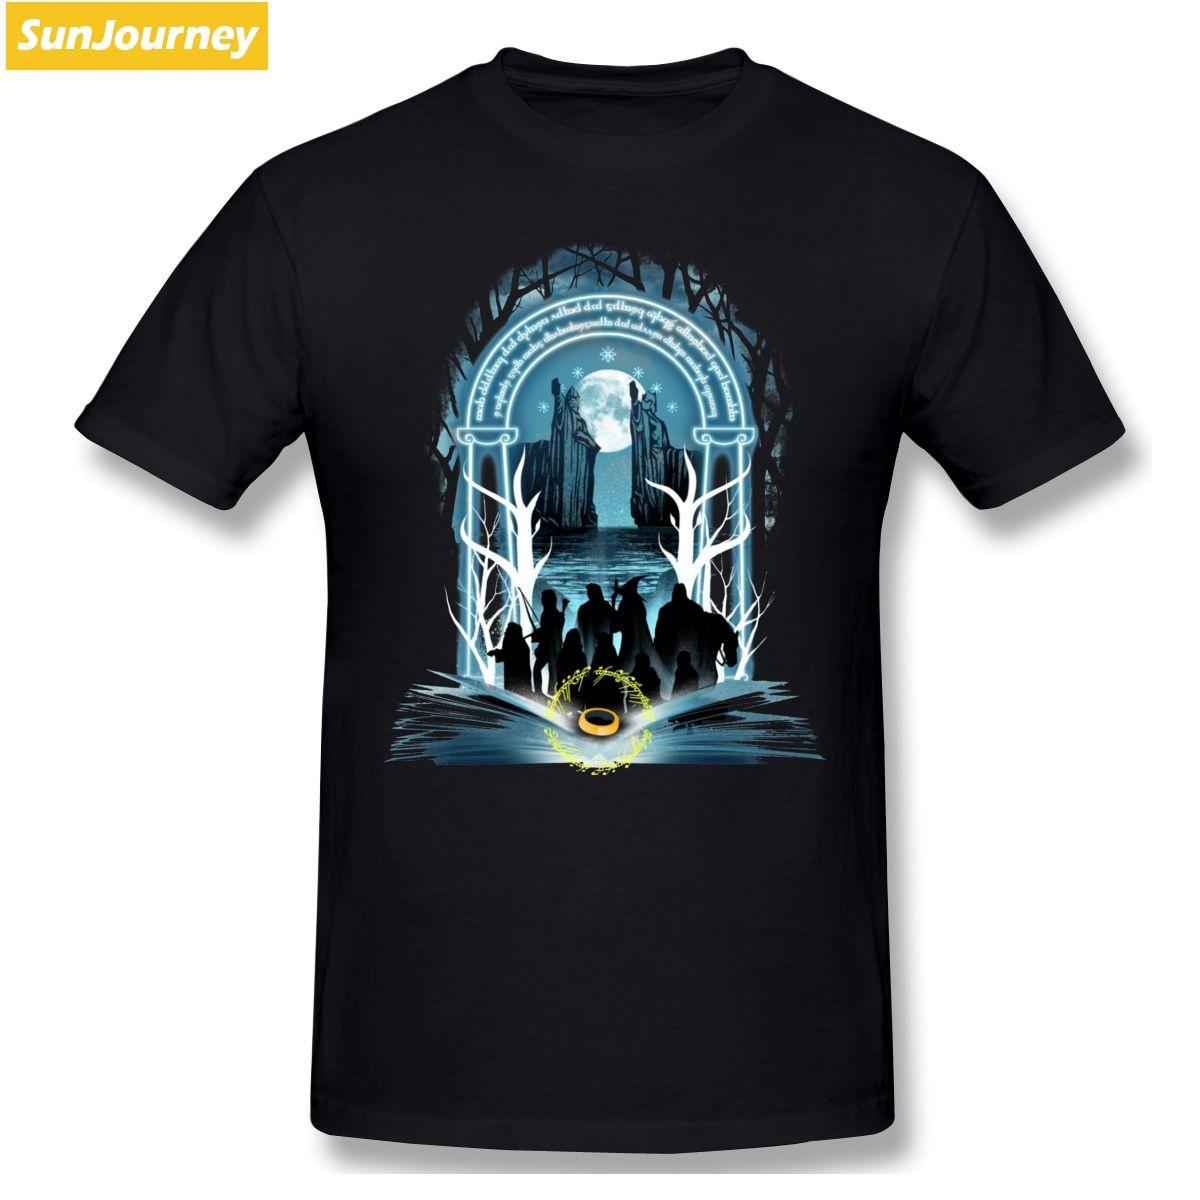 Book Of Fellowship Bookworm uomini della maglietta grande formato cotone manica corta da uomo T-shirt